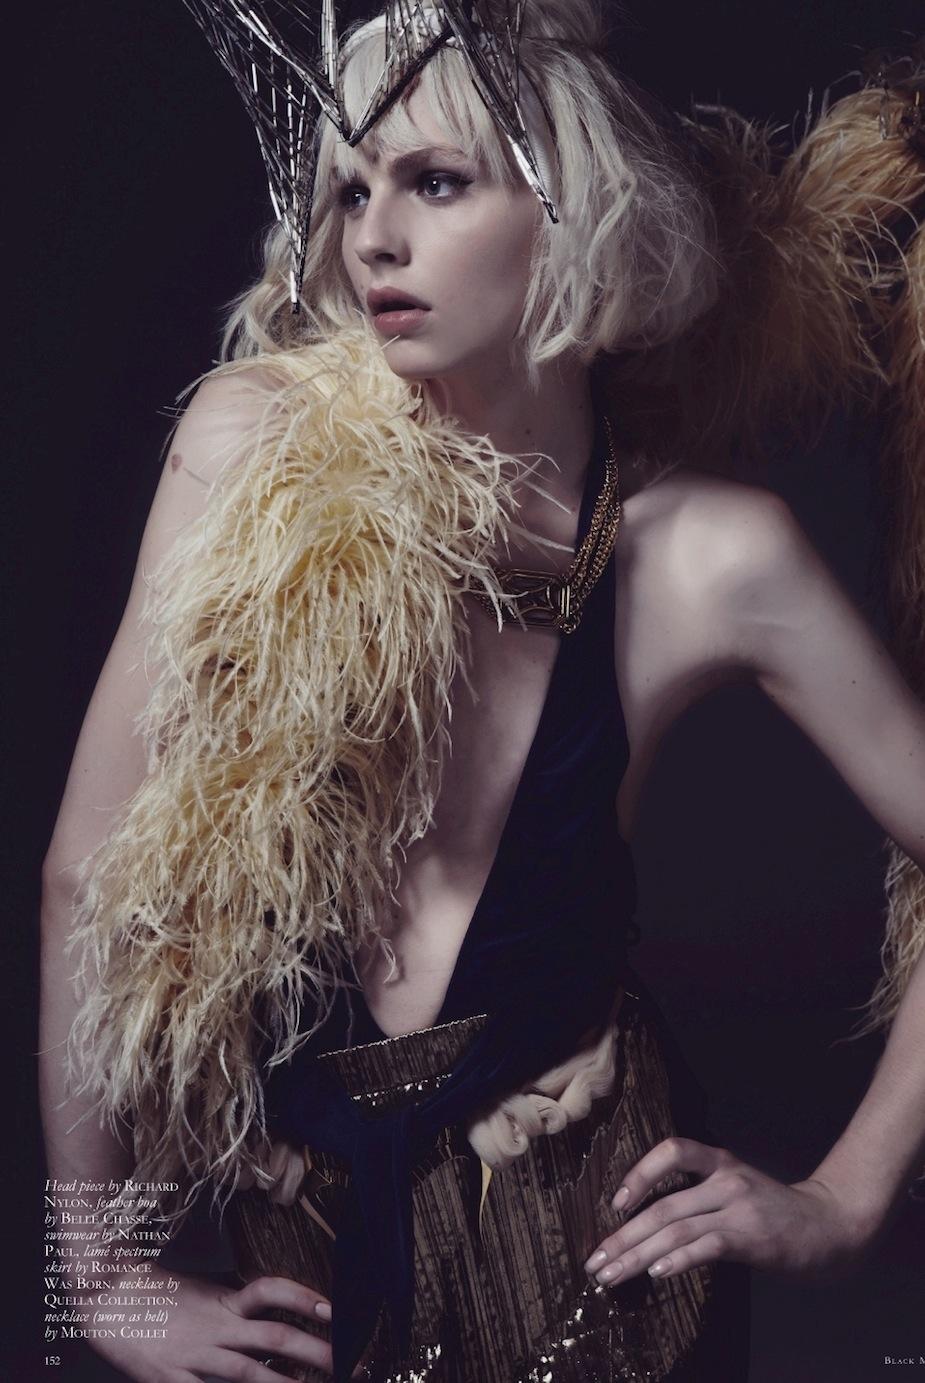 Andrej Pejic by Mariah Jelena (My People Were Fair And Had Sky In Their Hair - Black #16 Spring-Summ (4).jpg